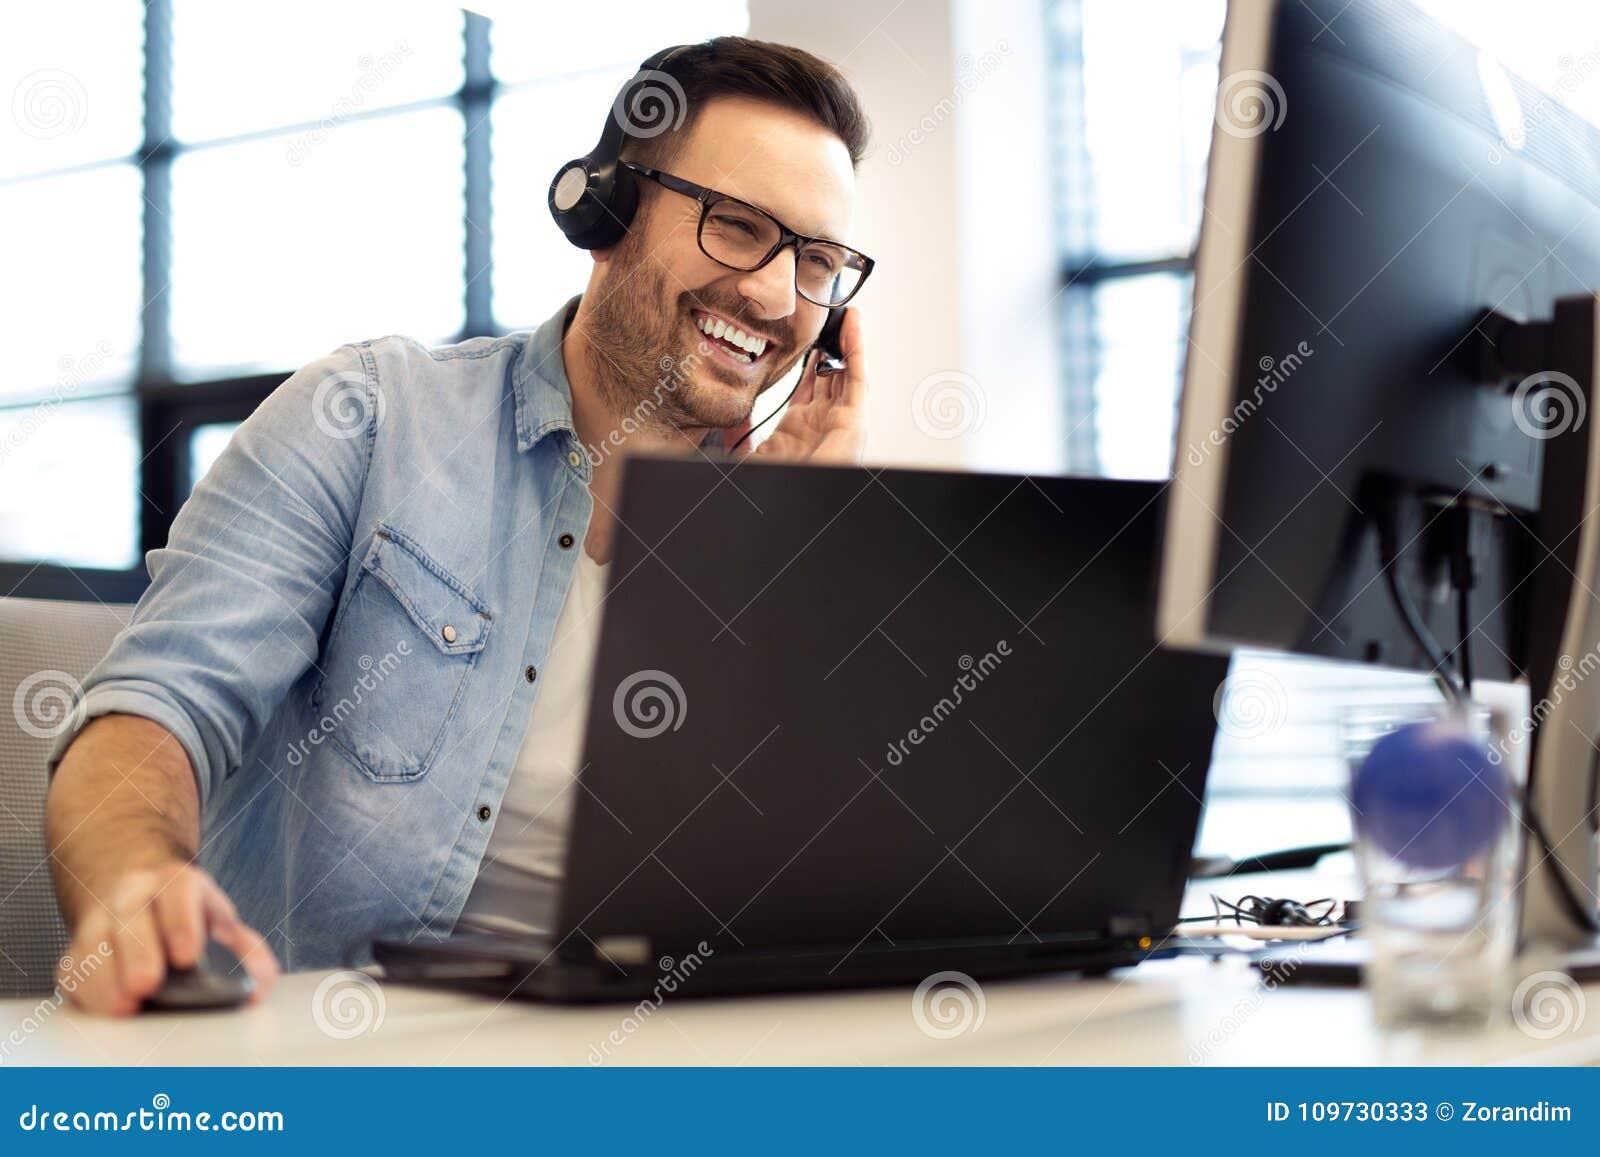 Giovane operatore di call center maschio sorridente che fa il suo lavoro con una cuffia avricolare Ritratto del lavoratore della